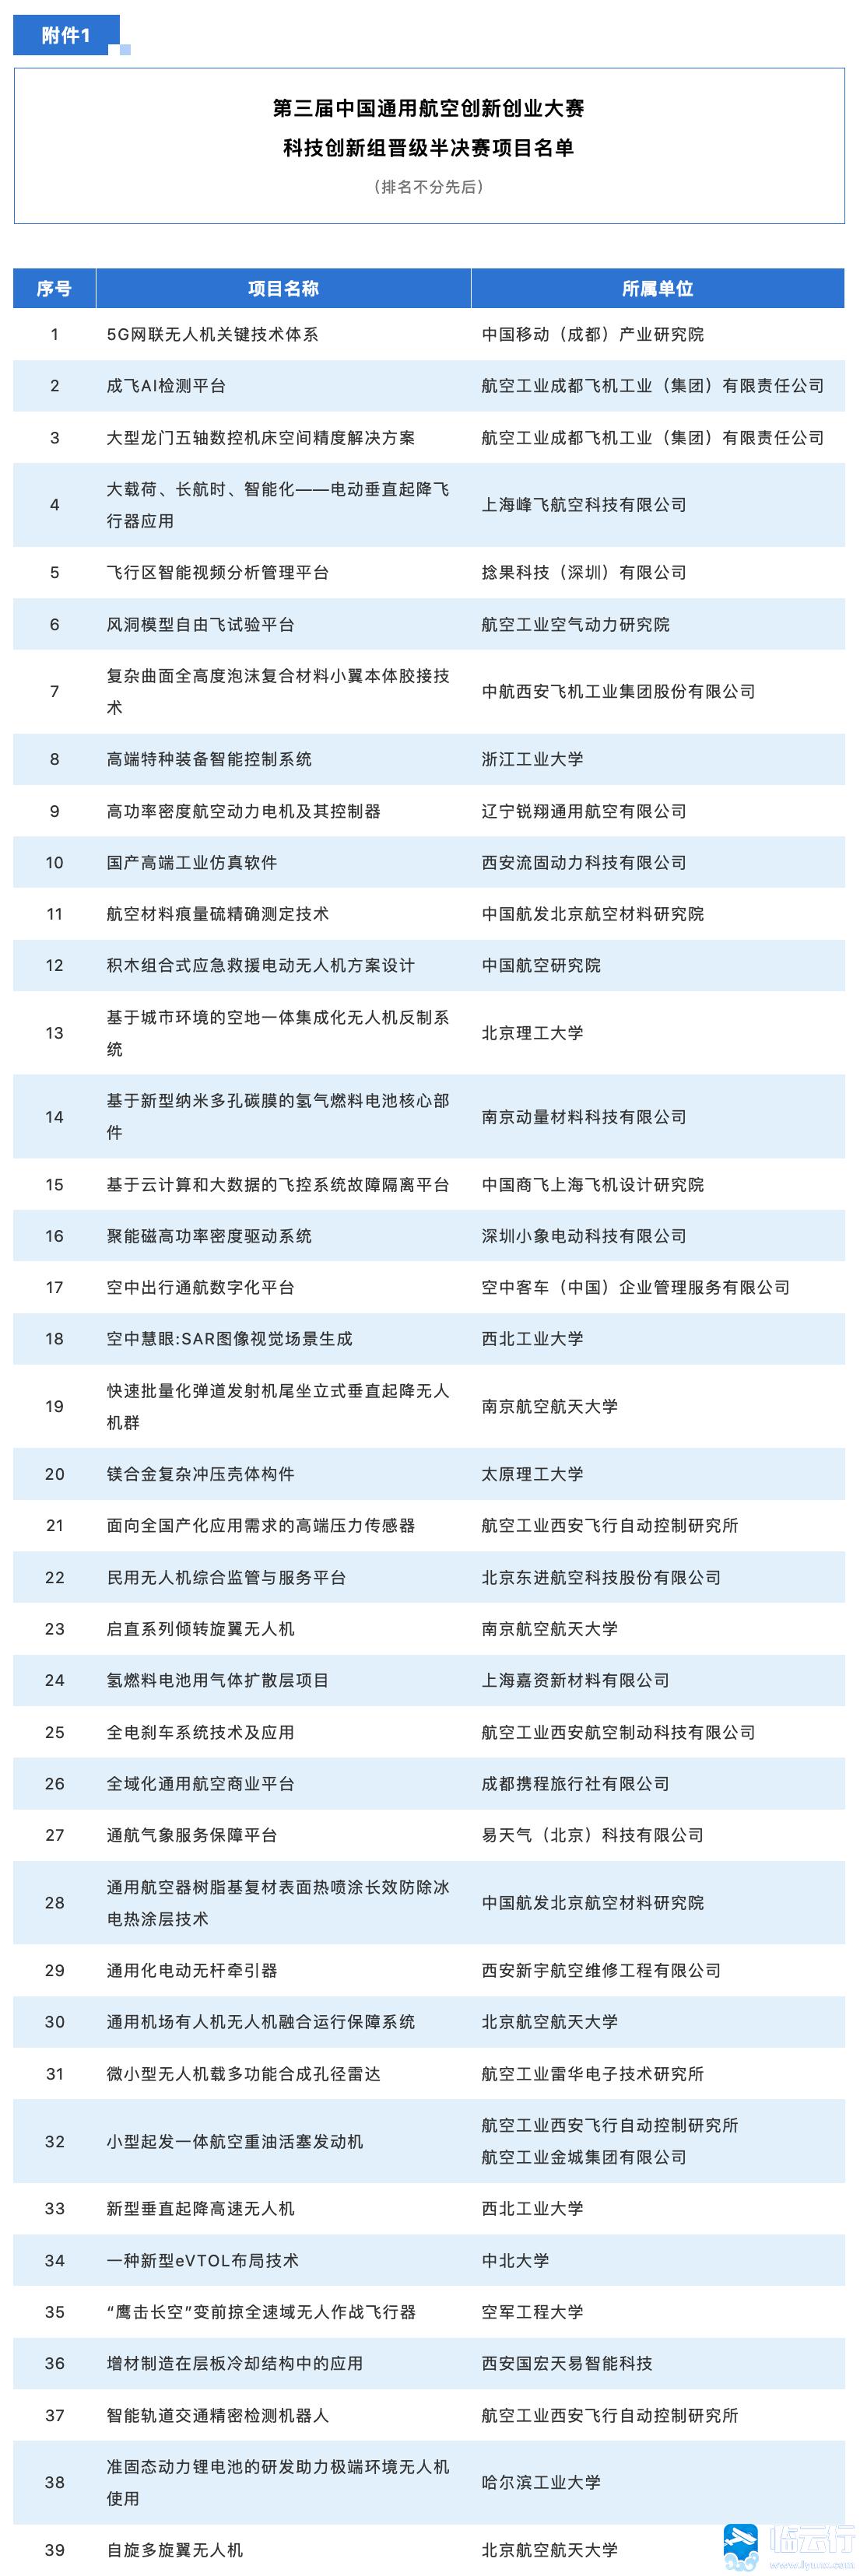 年创业项目排行榜前十名:年创业什么项目好